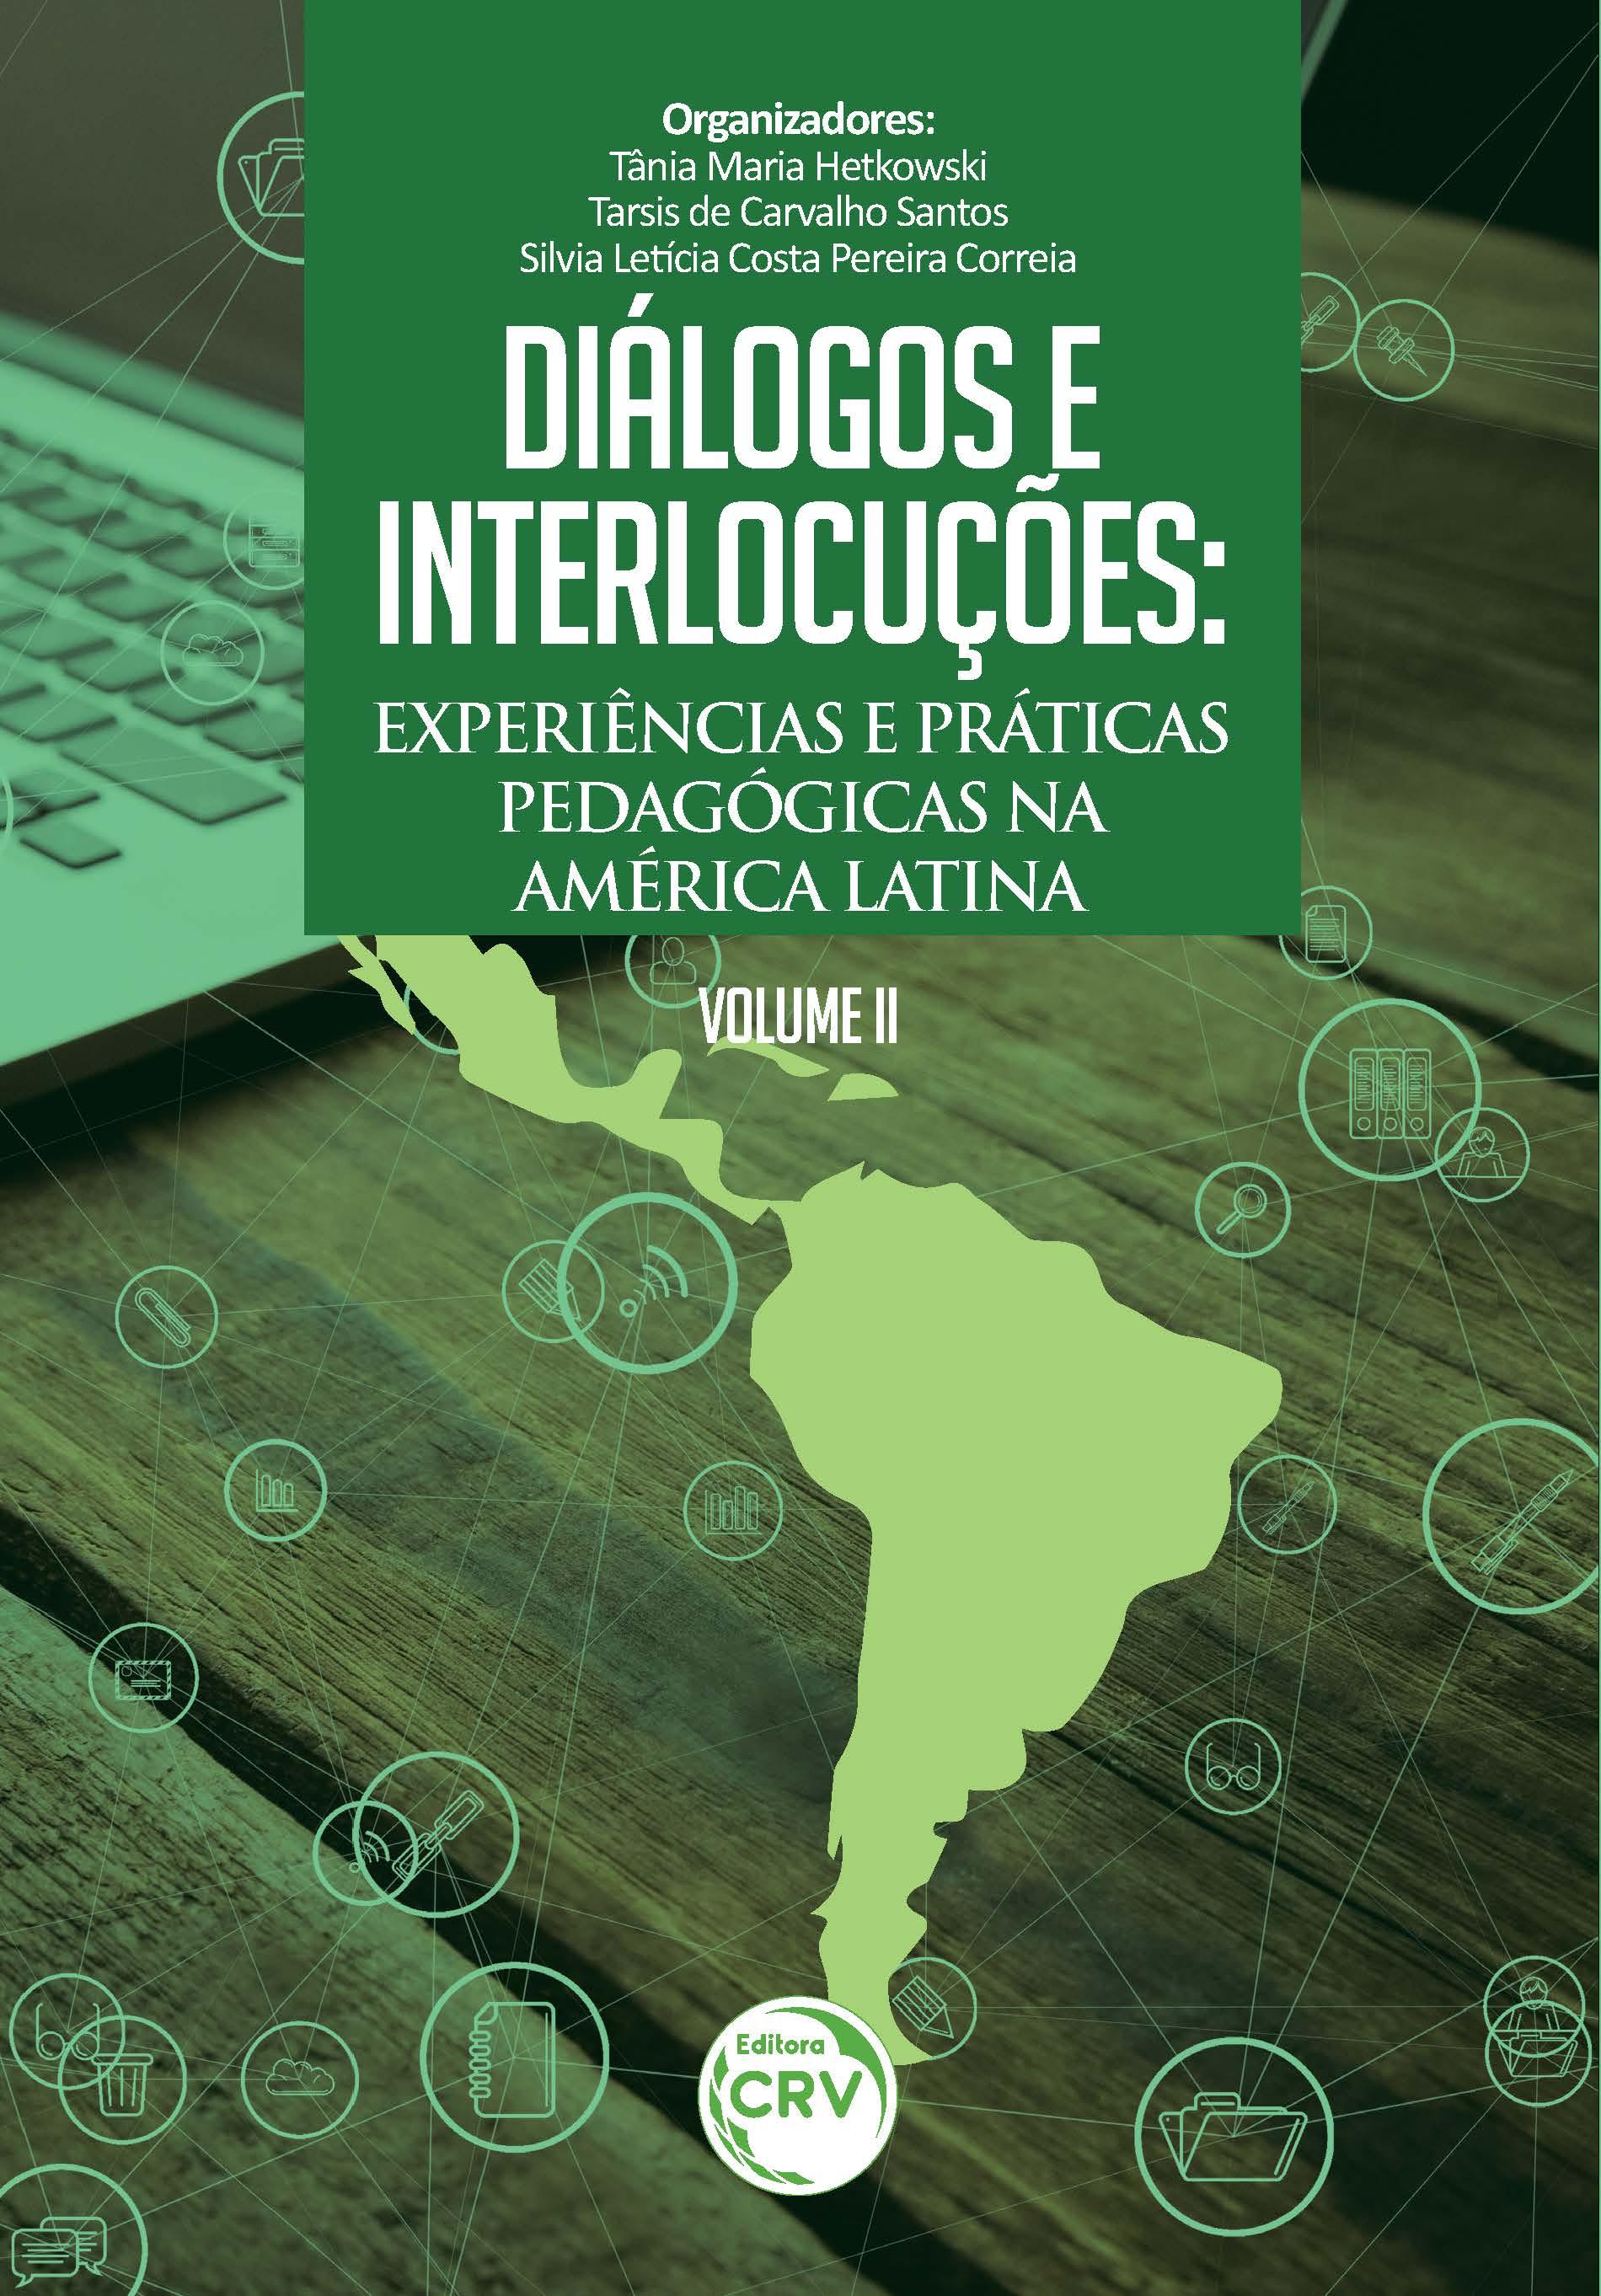 Capa do livro: DIÁLOGOS E INTERLOCUÇÕES: <br>experiências e práticas pedagógicas na América Latina <br>Volume II